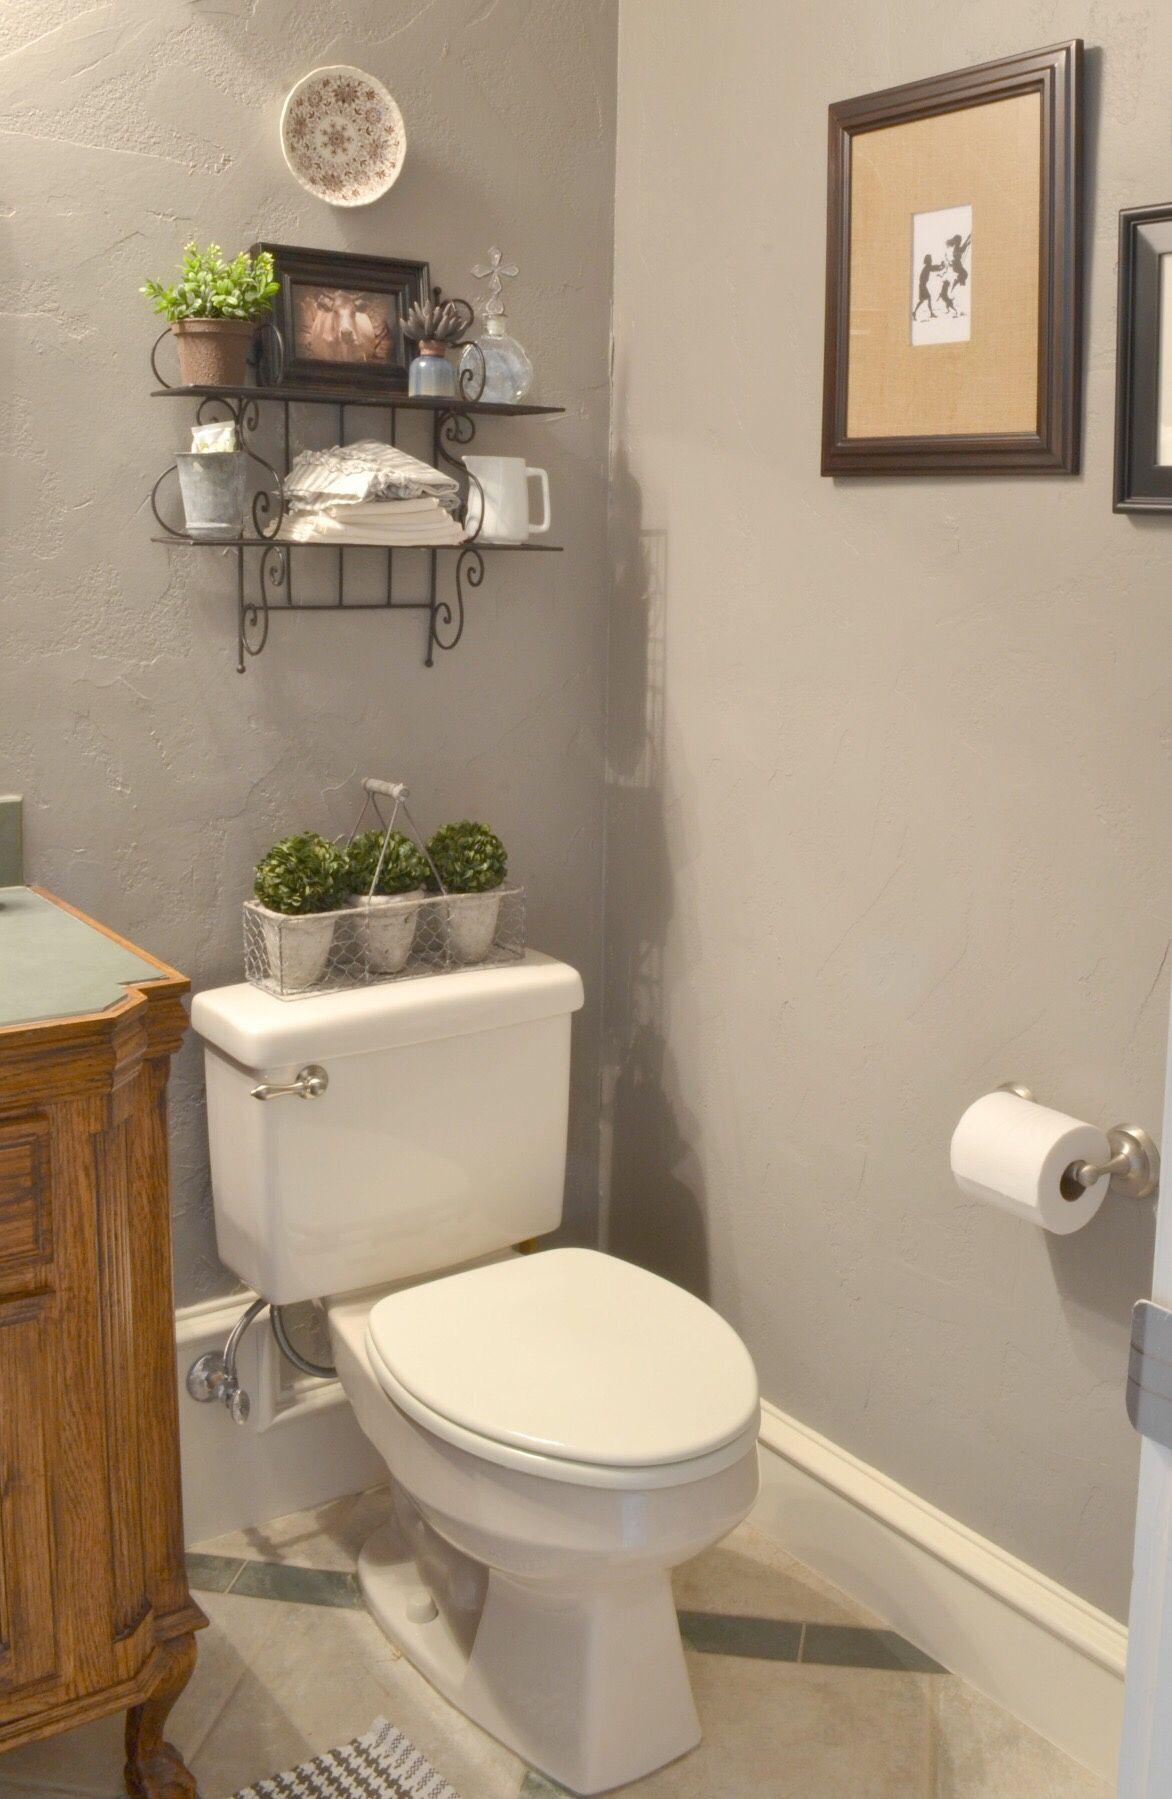 Wall Color Is Galveston Gray Benjamin Moore Powder Room